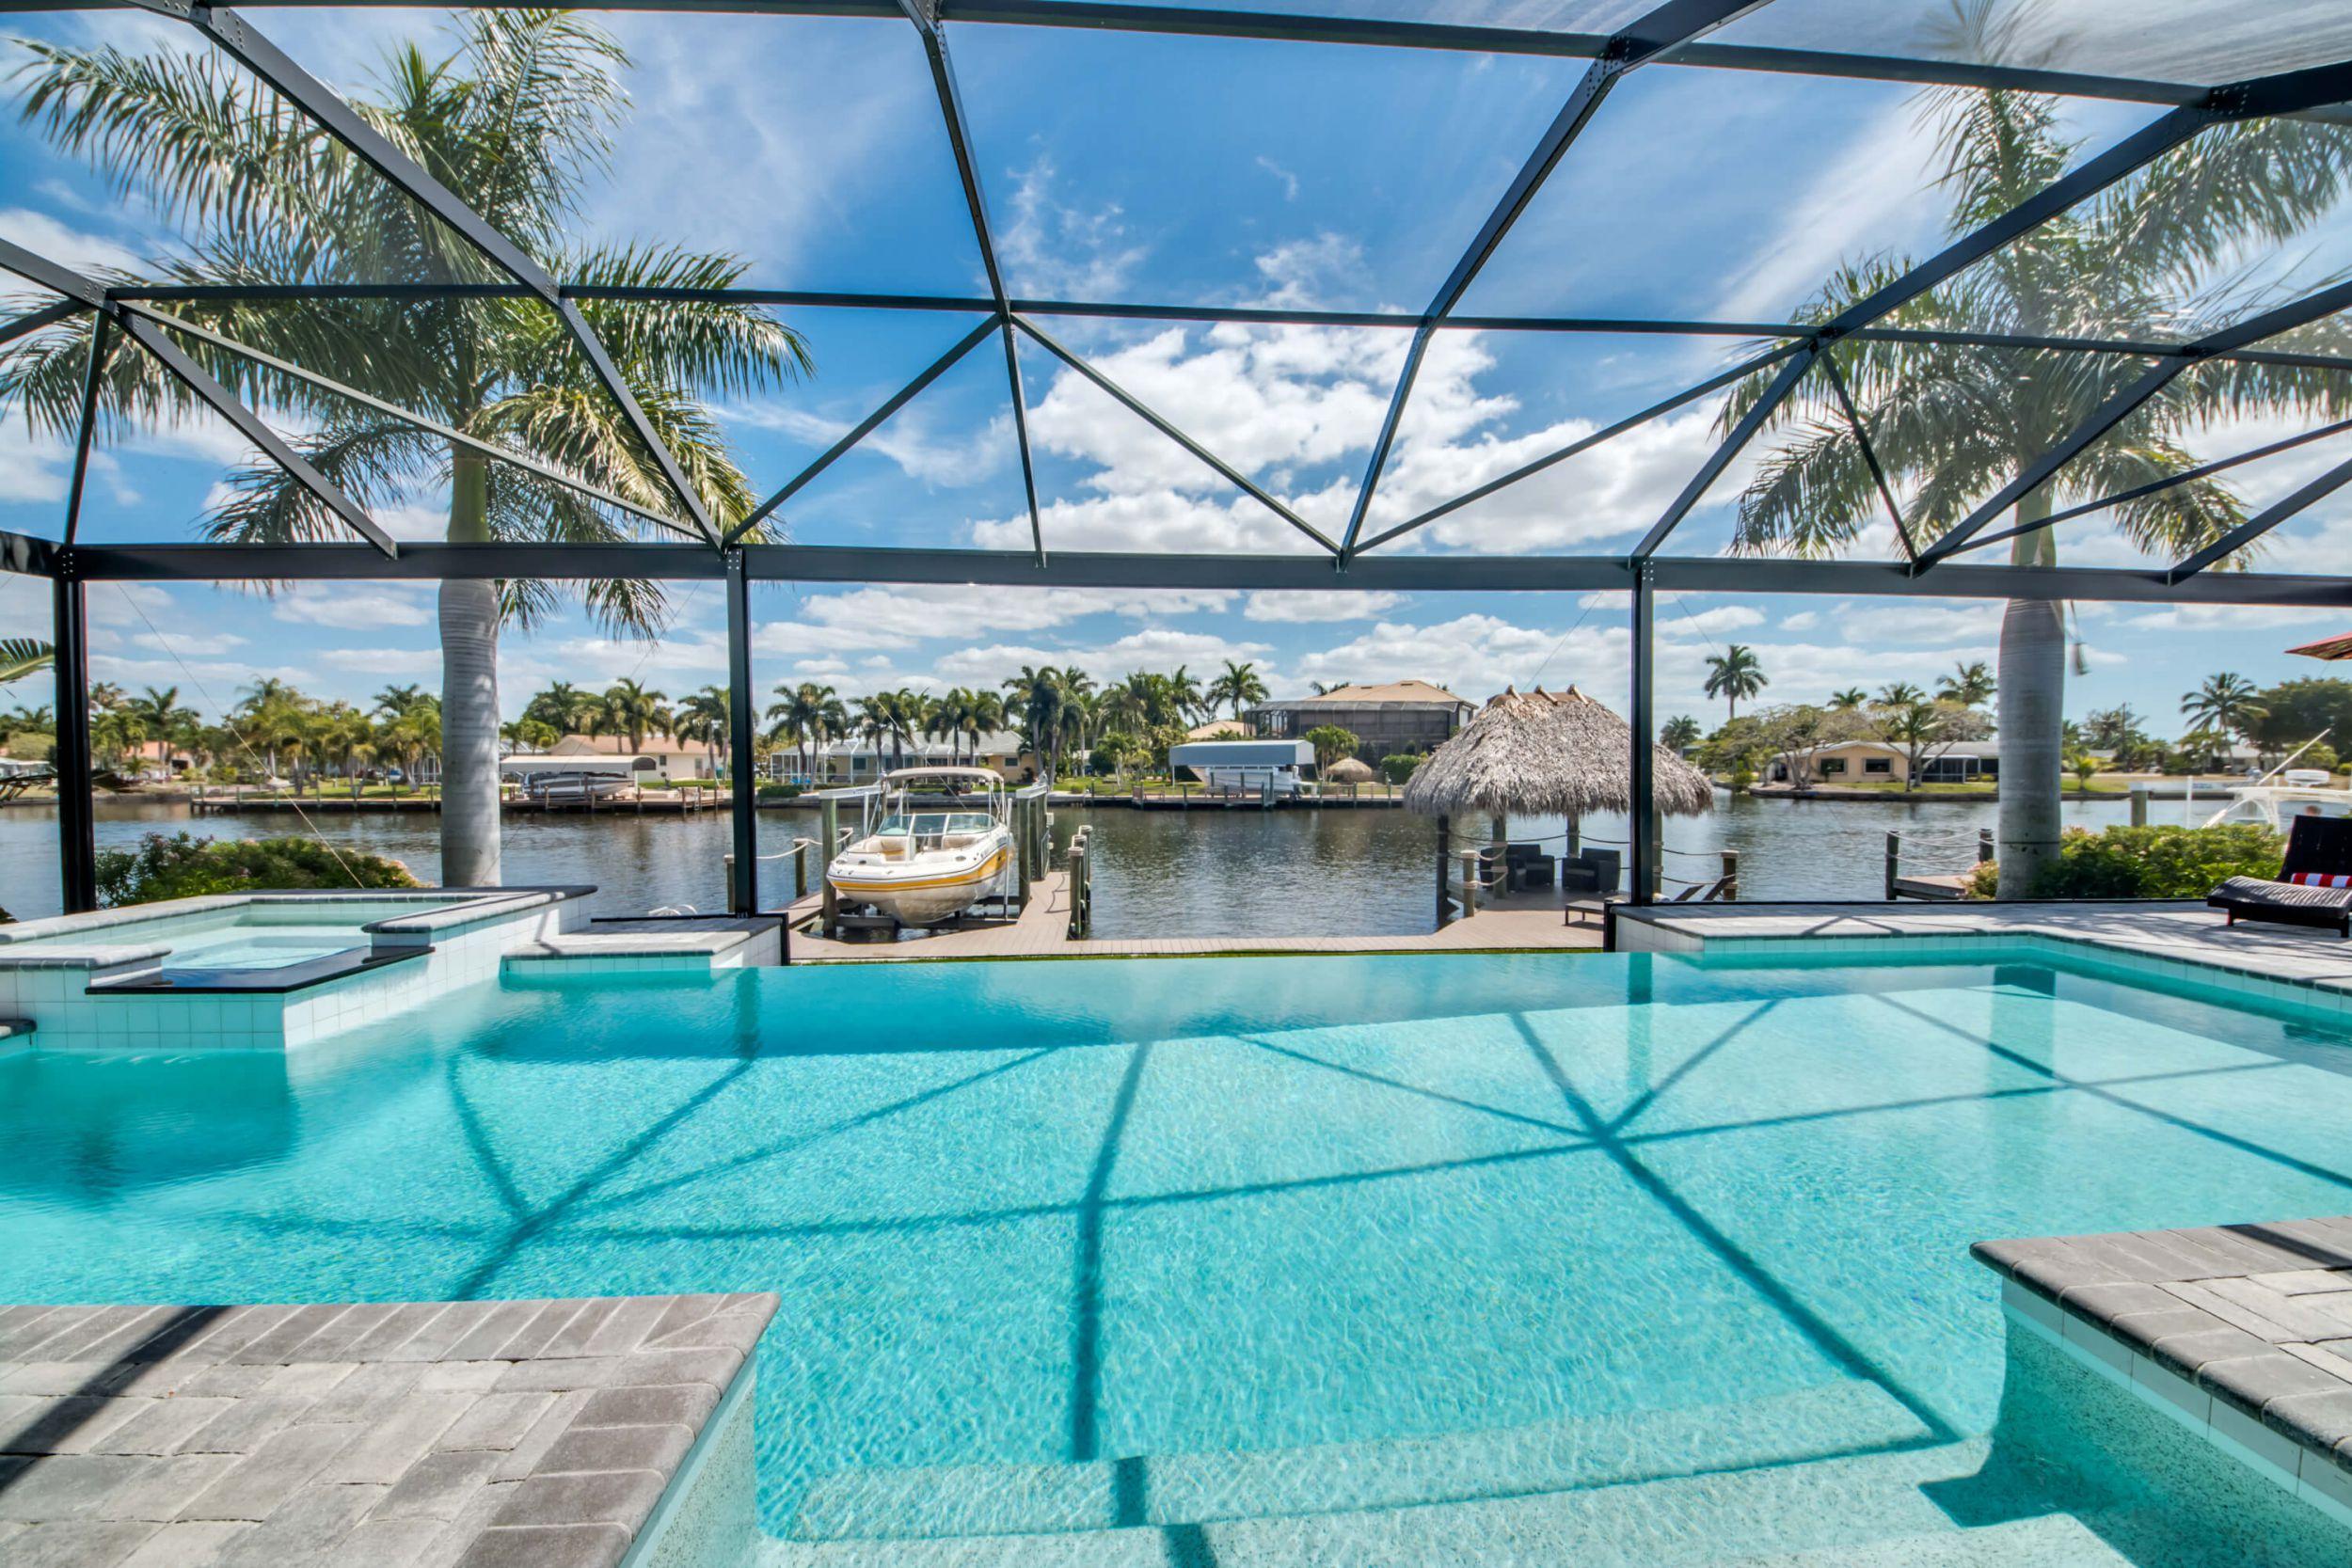 Moderne luxusvilla mit pool  Villa Cape Coral 12740 – moderne und helle Luxusvilla -ganz nah am ...